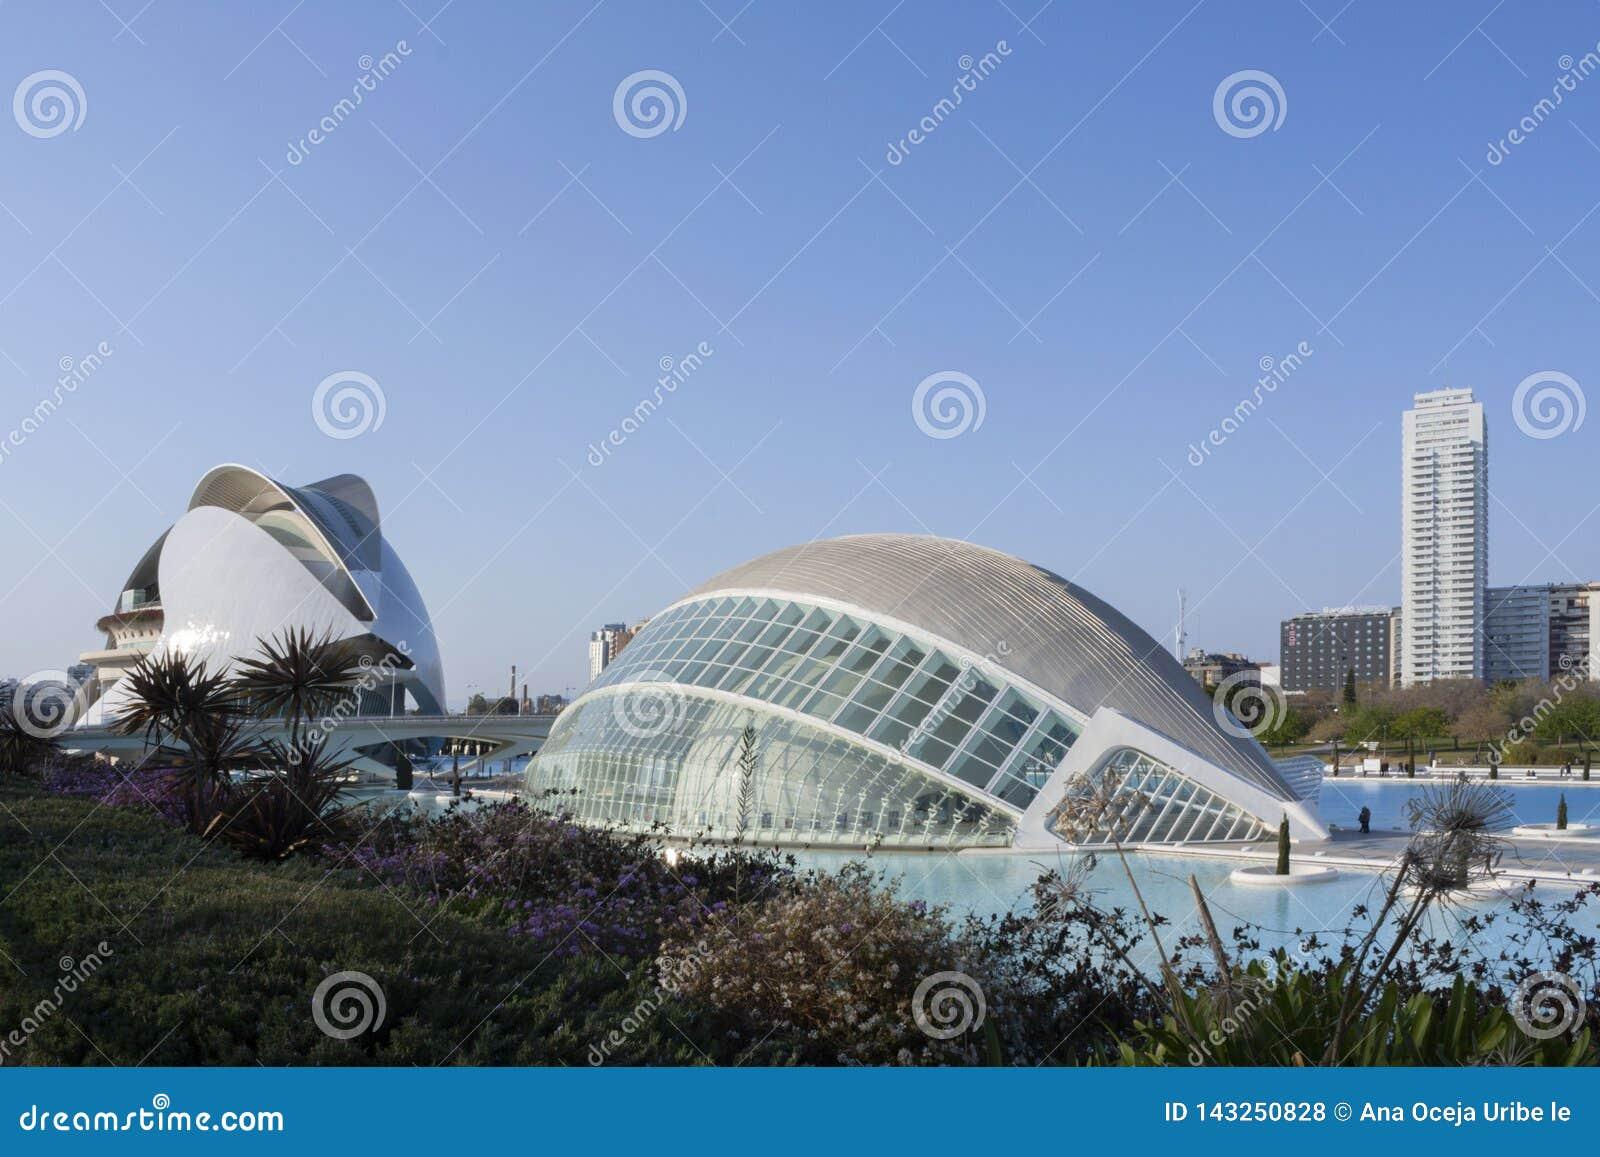 Panorama van de stad van kunsten en wetenschappen in Valencia